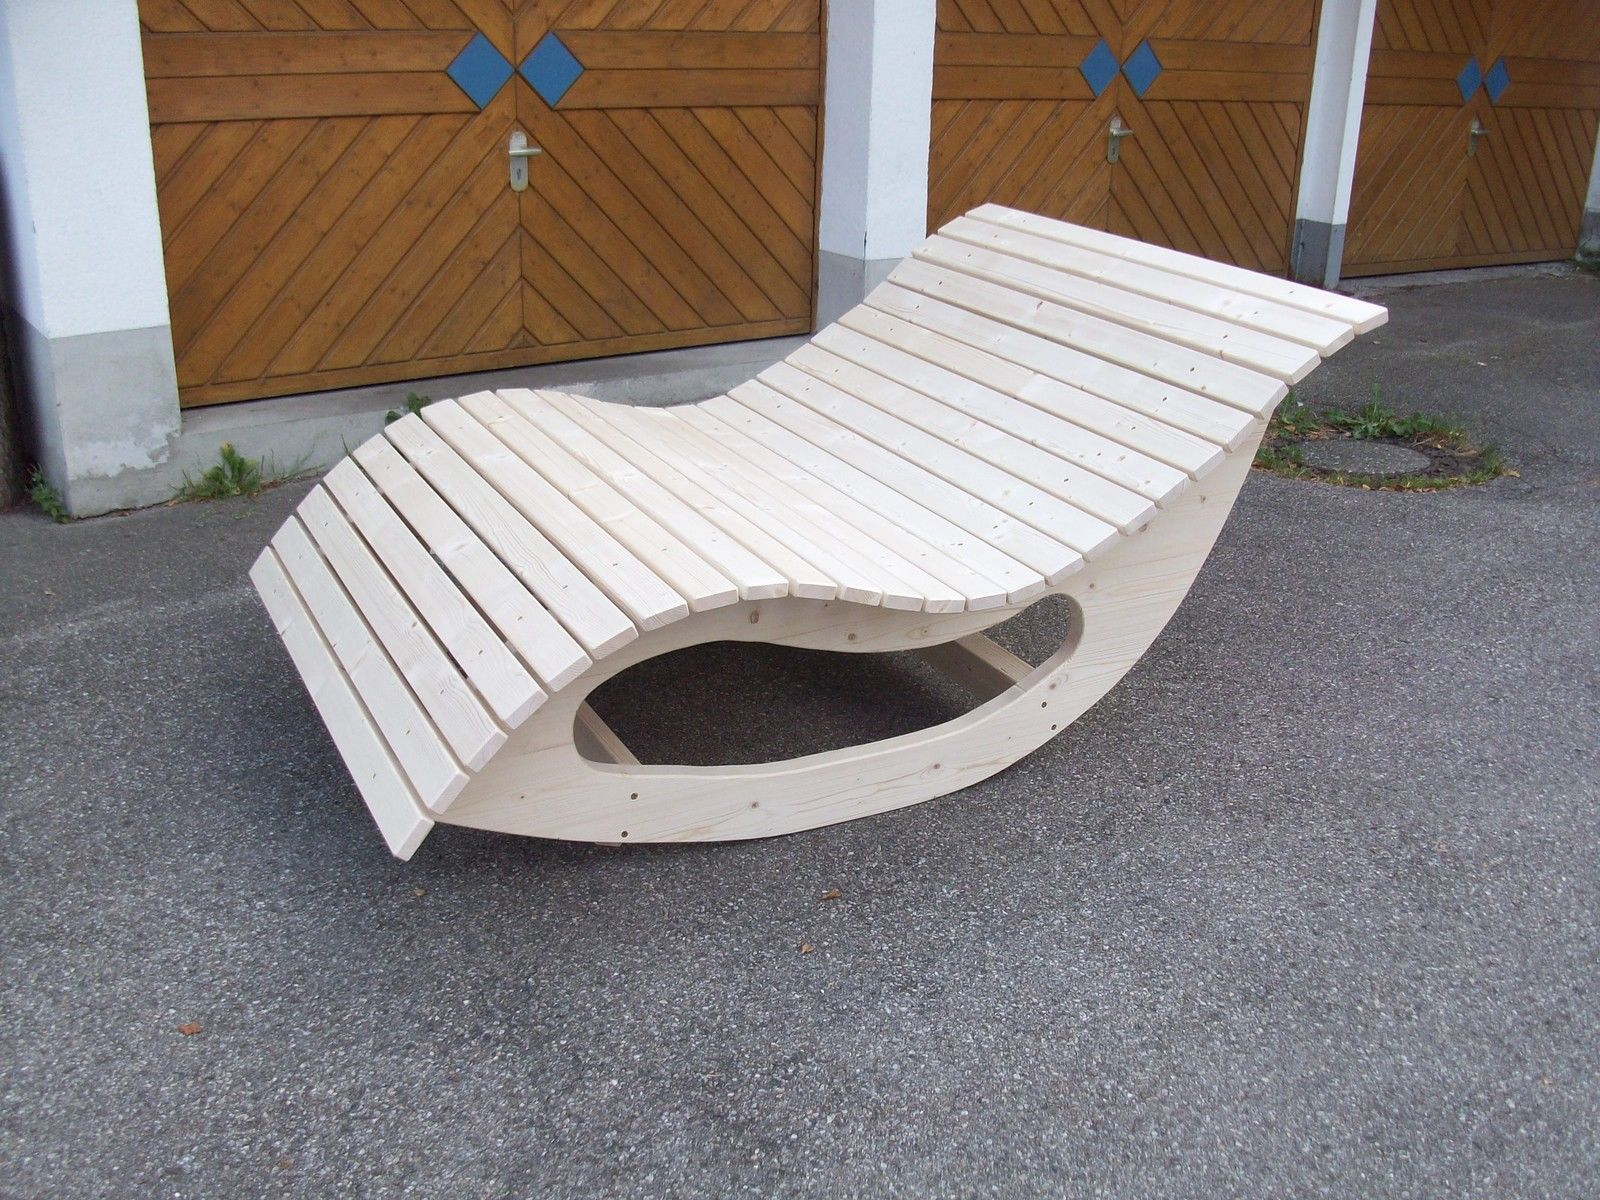 relaxliege schaukelliege holzliege gartenm bel entspannung wohlf hlliege ebay m bel m bel. Black Bedroom Furniture Sets. Home Design Ideas